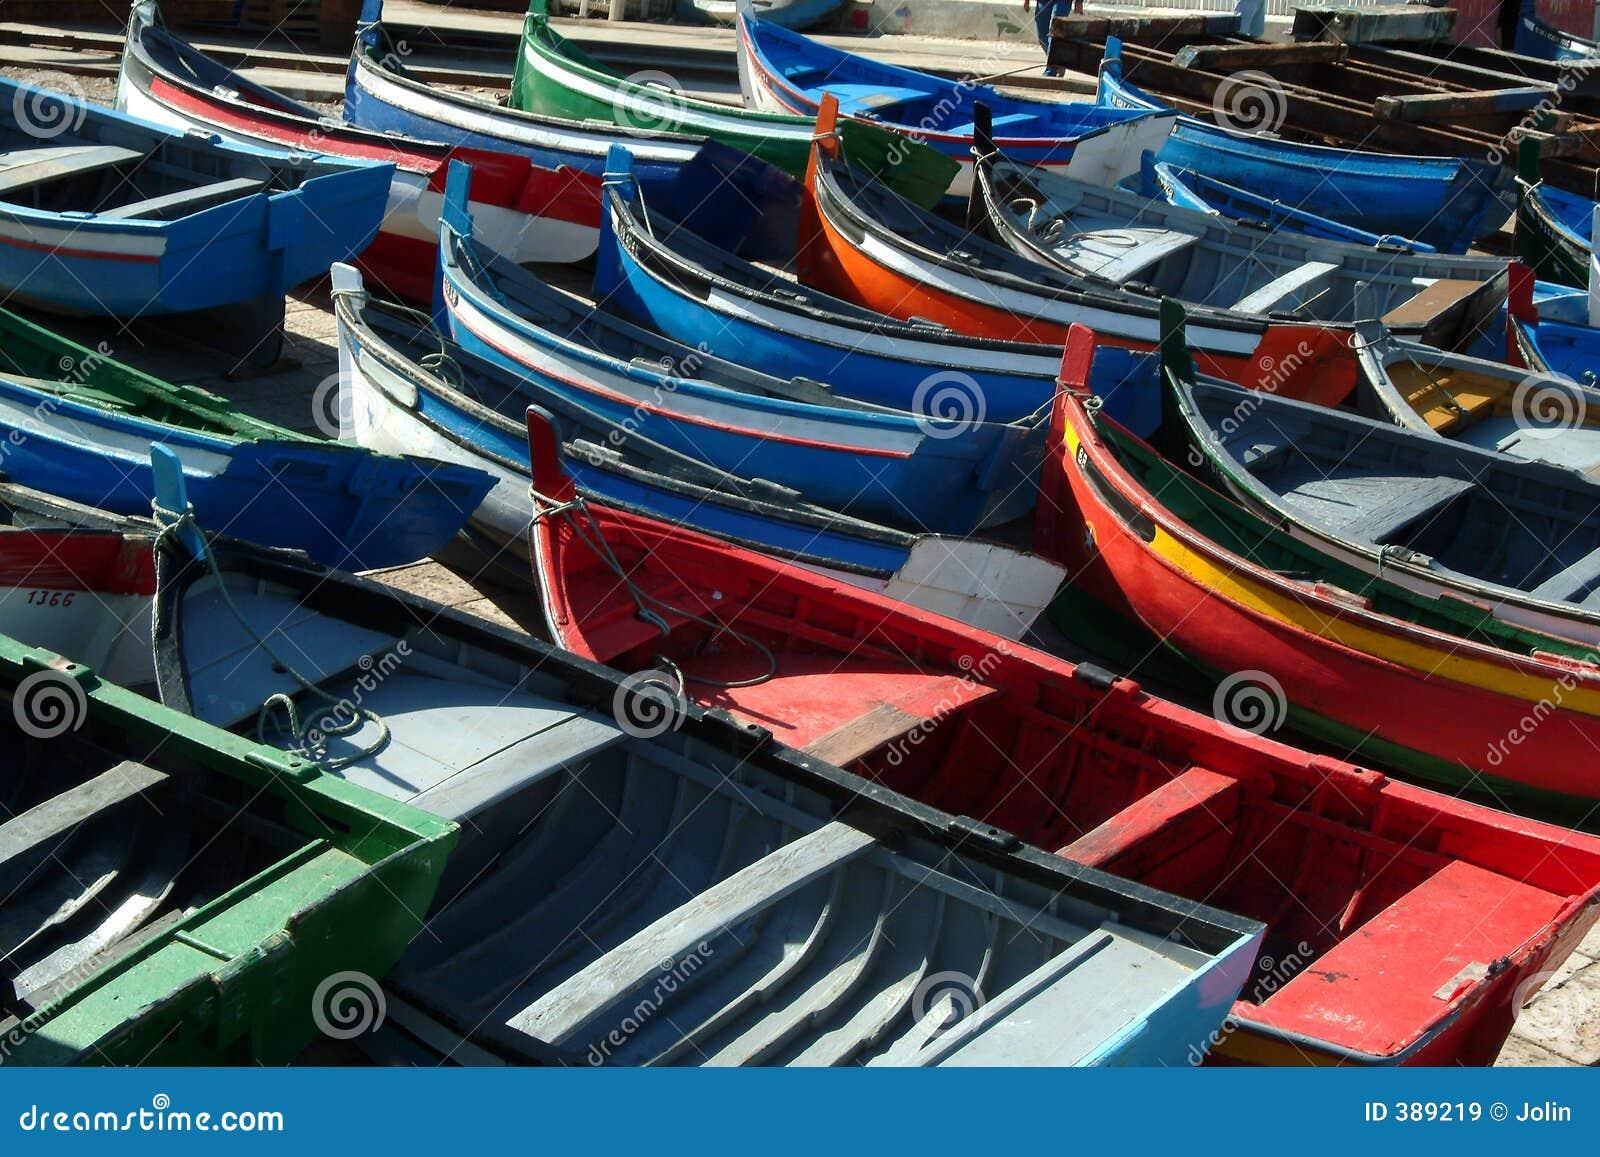 Boats many